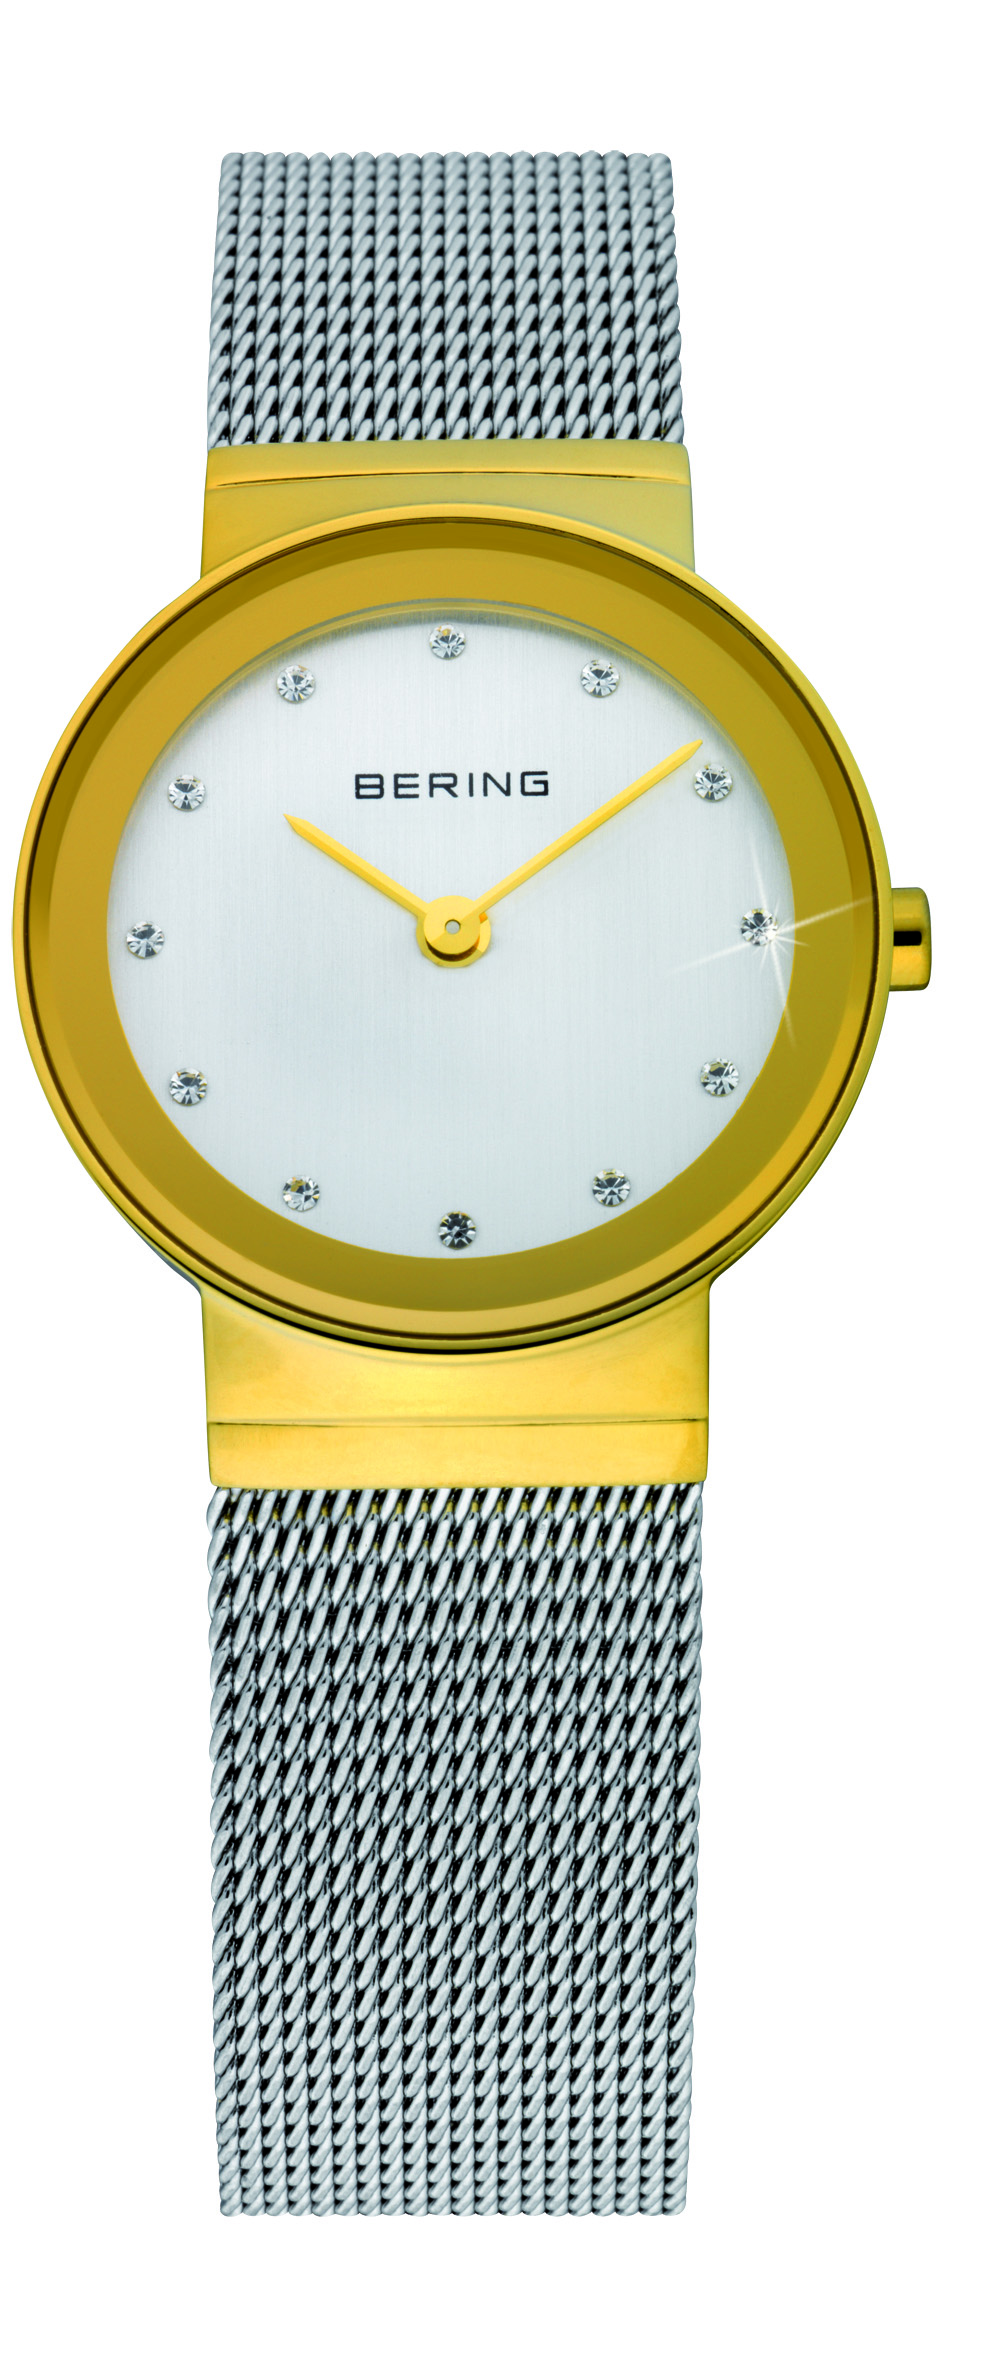 Bering Women's Watch